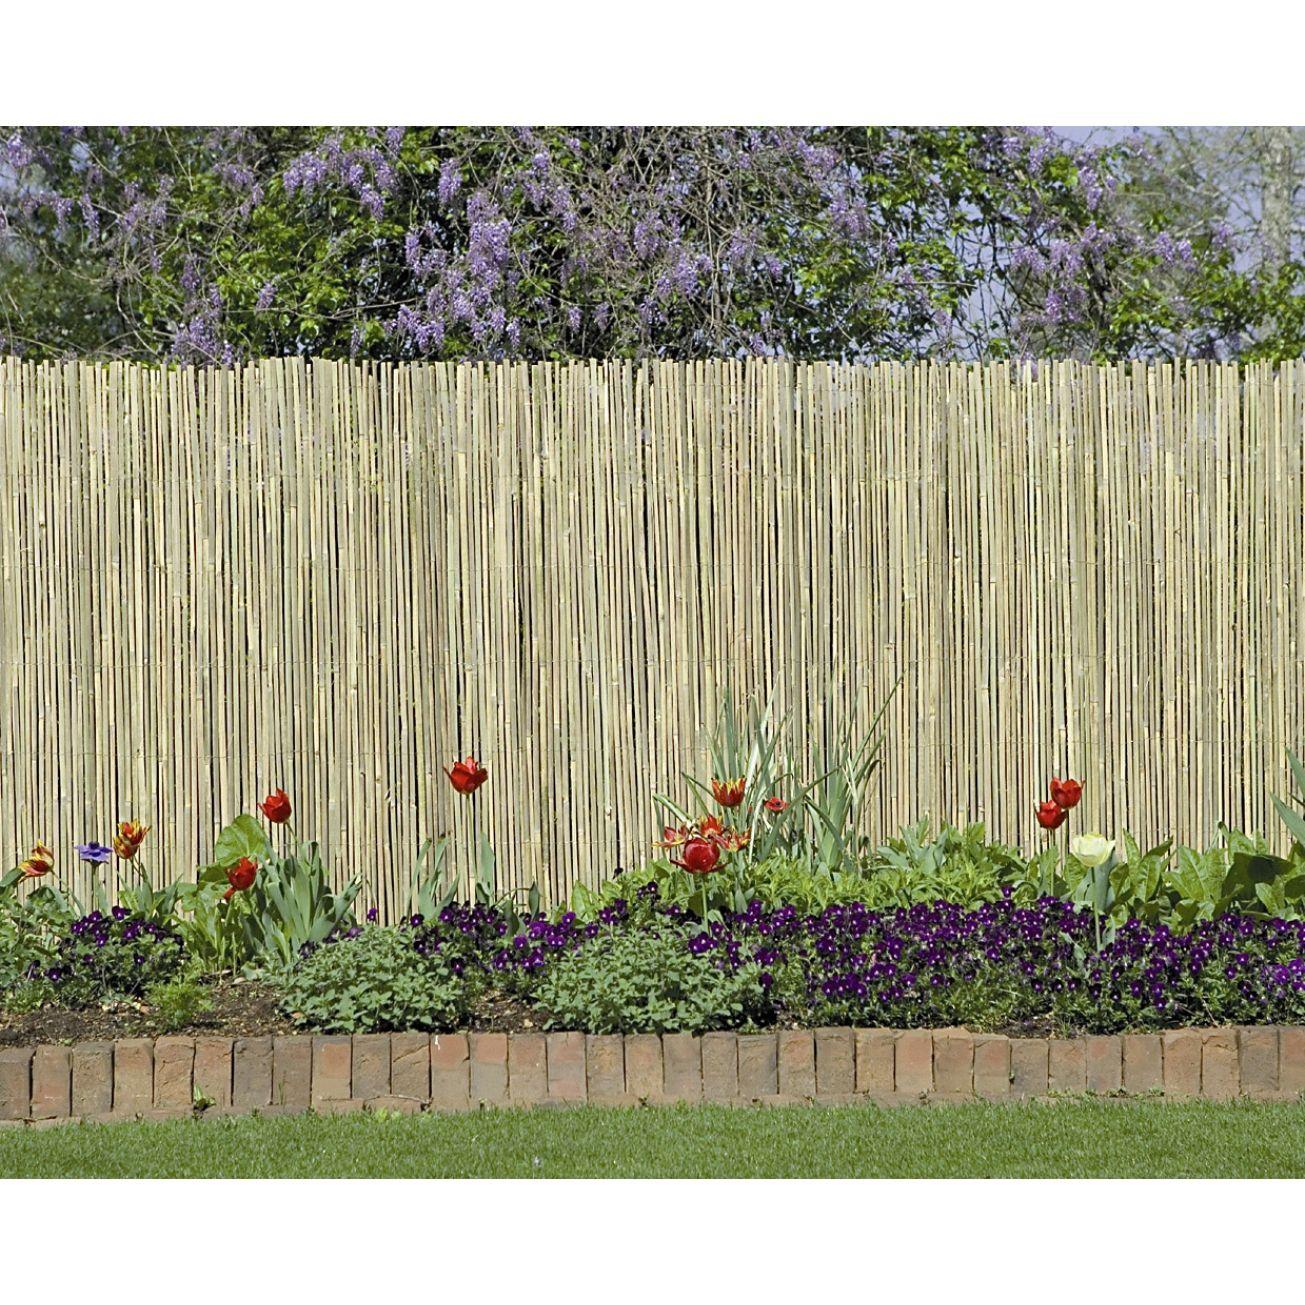 Gardman 60 X 13 Split Bamboo Fencing And Screening Garden